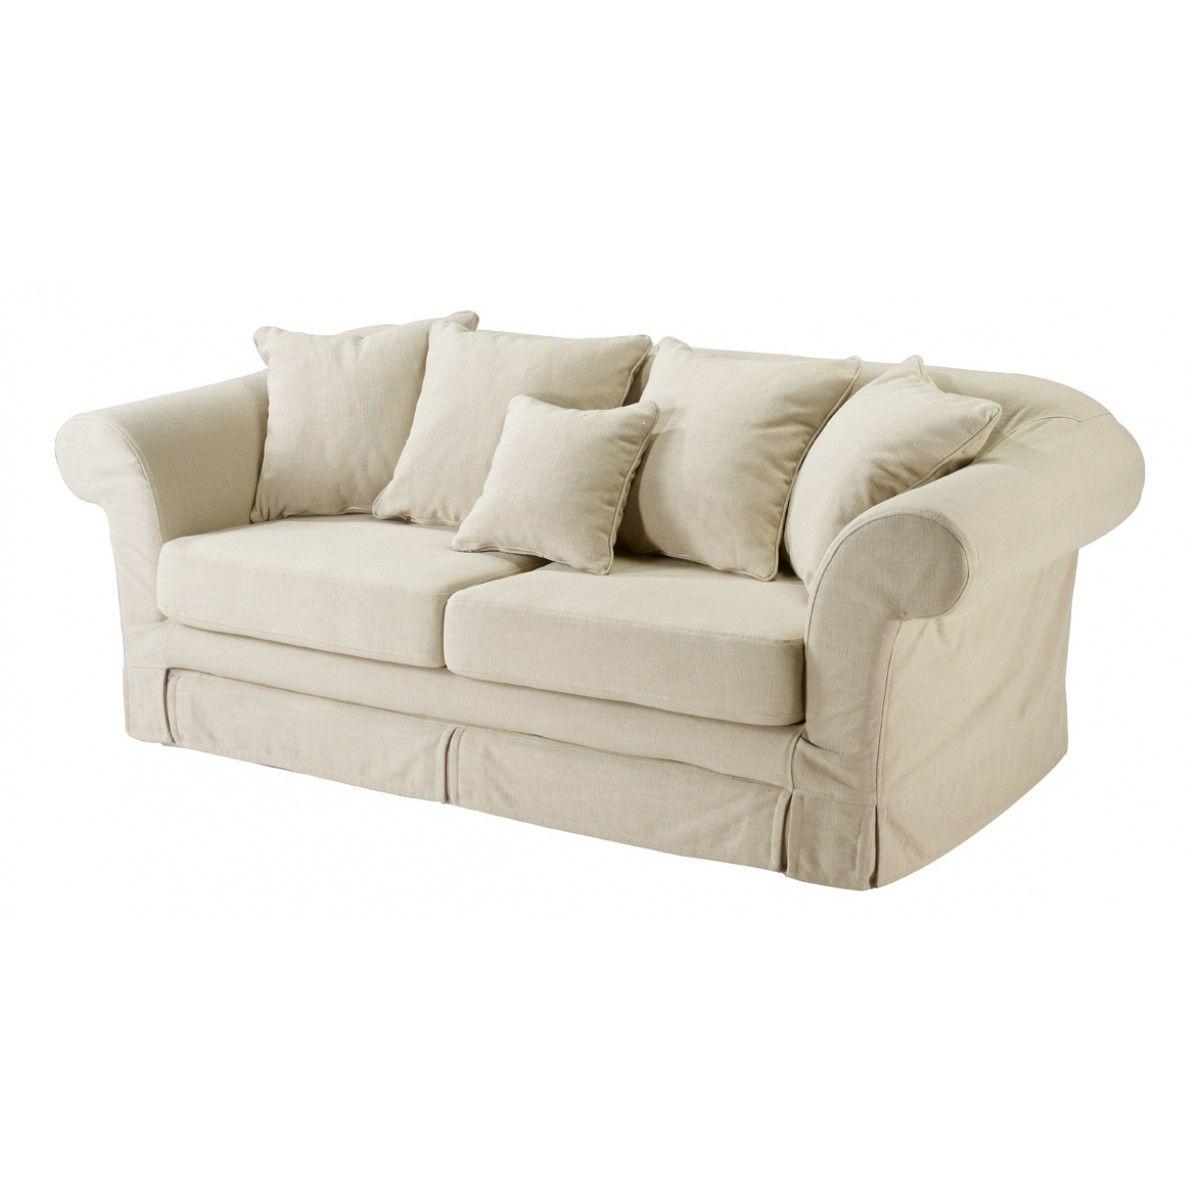 canap 2 5 places tissu cr me coventgarden canap s chalet et montagne ga pinterest canapes. Black Bedroom Furniture Sets. Home Design Ideas